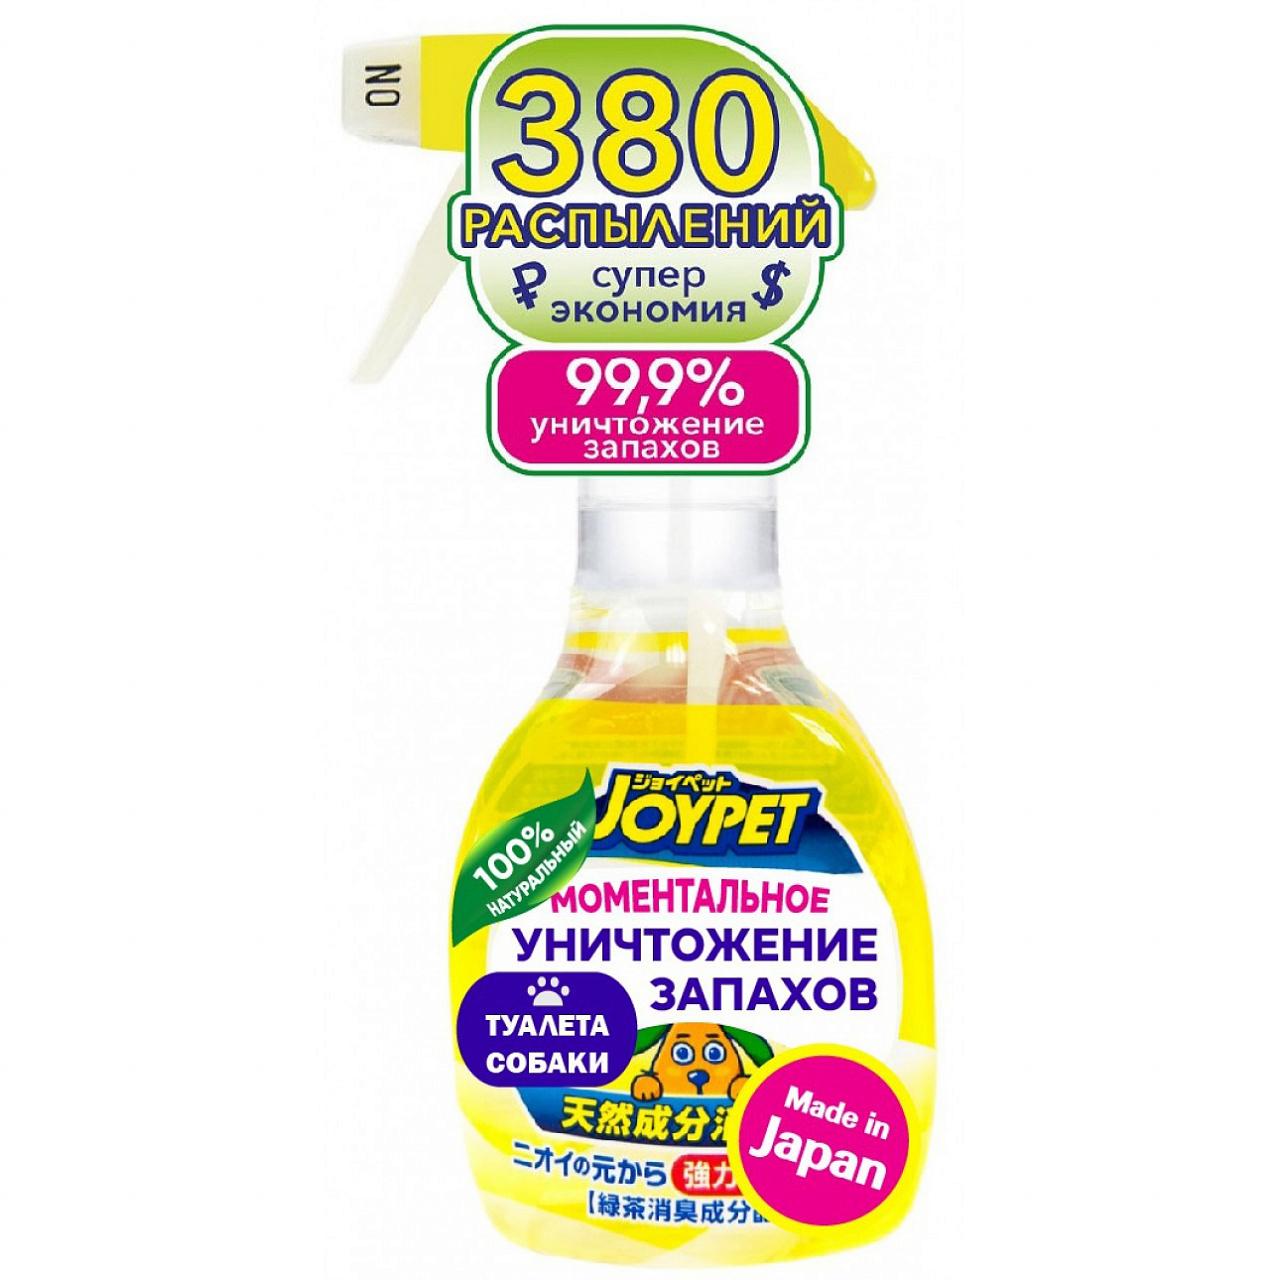 373143 - Натуральный уничтожитель сильных запахов, спрей (270 мл)